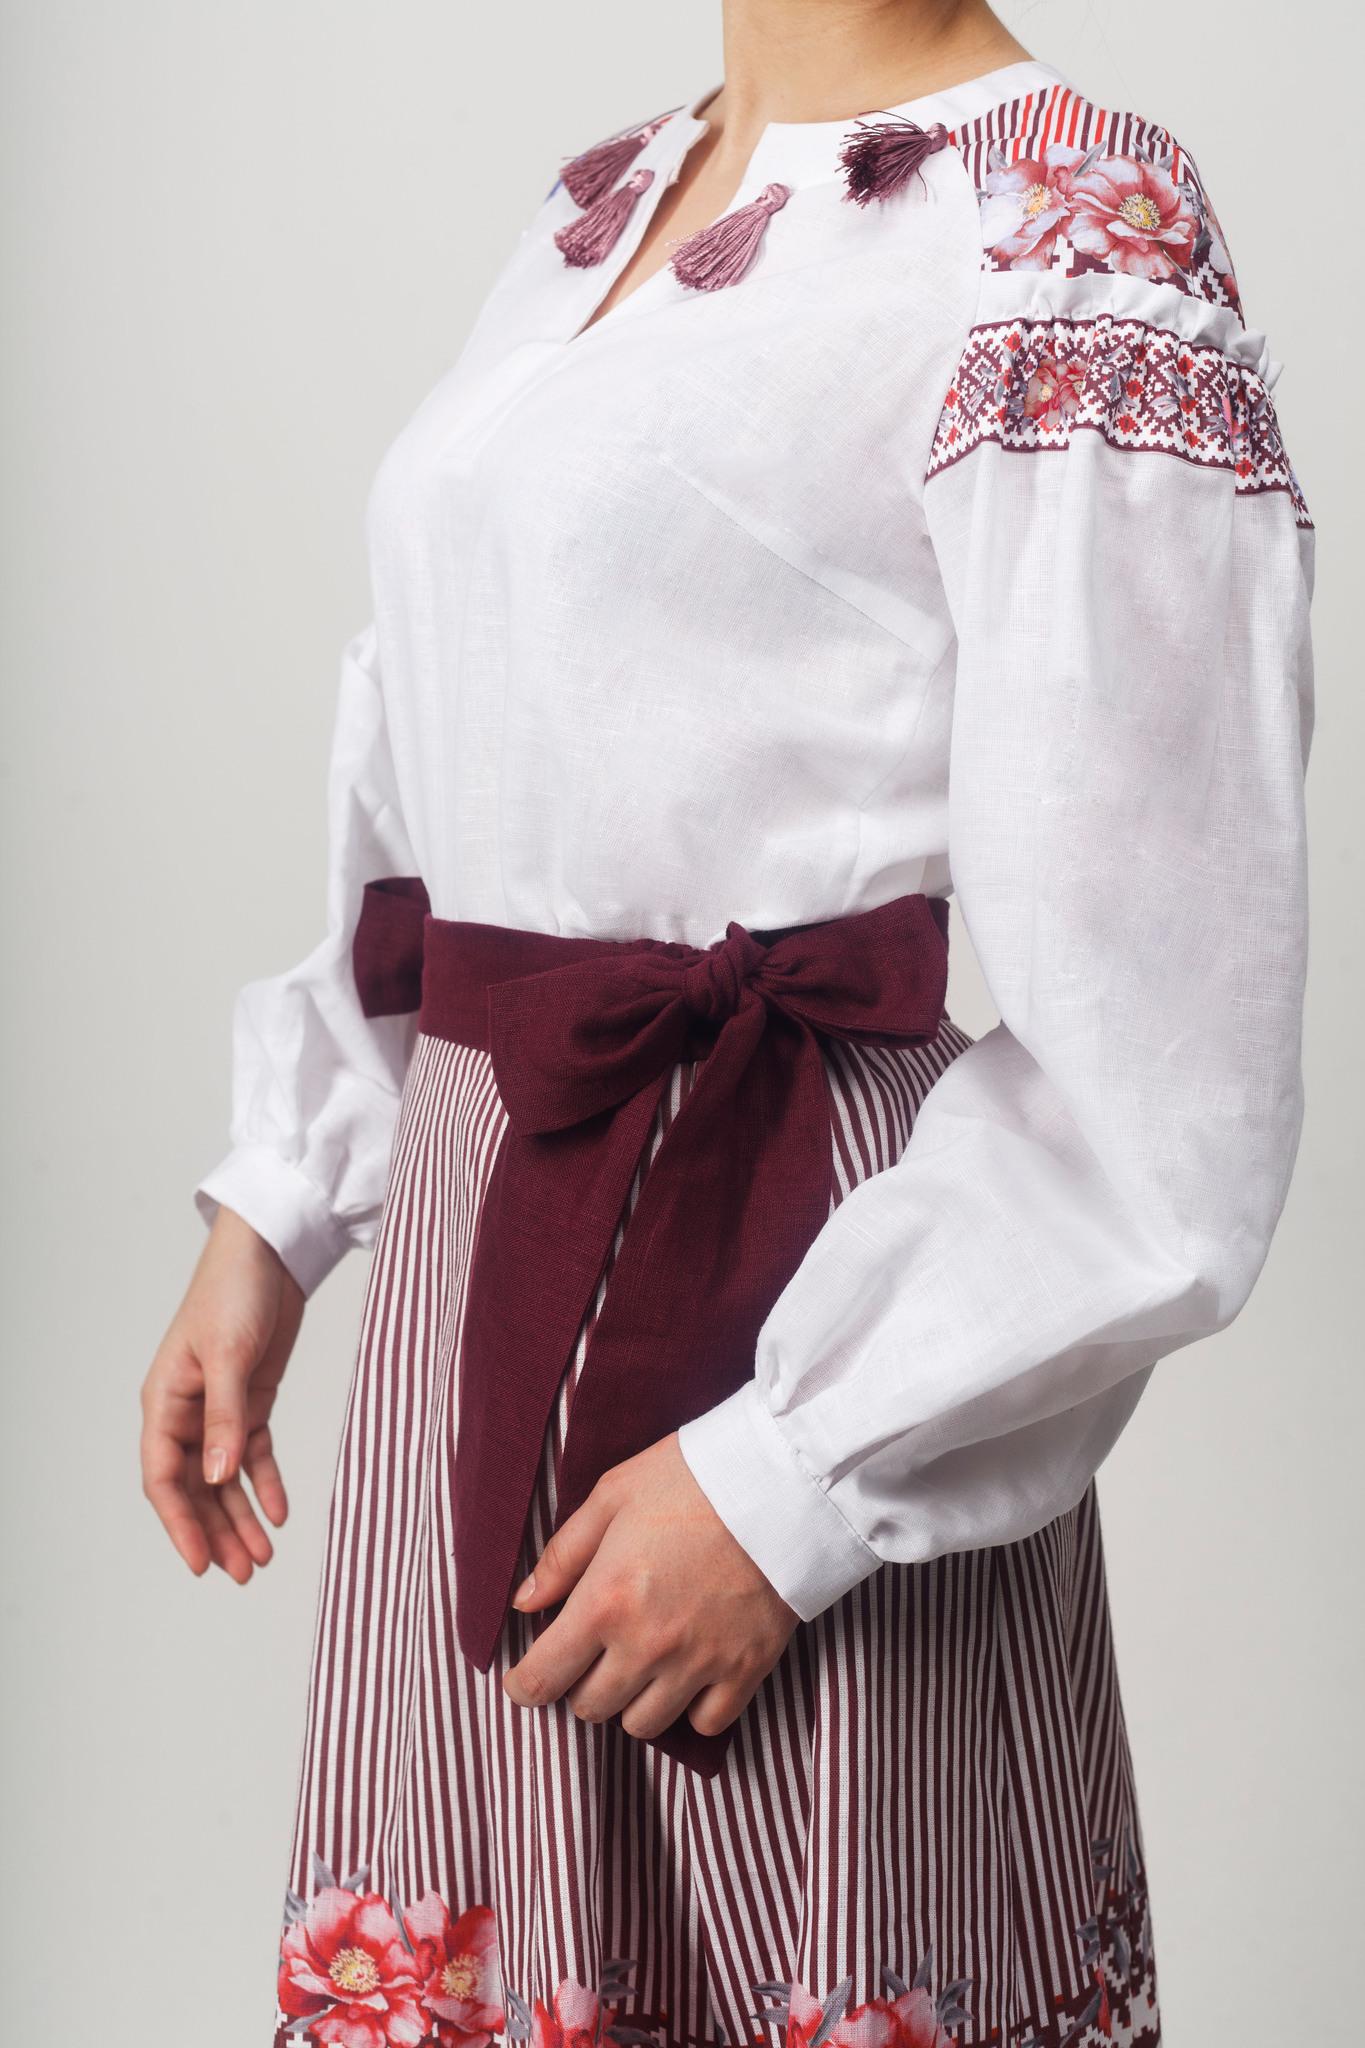 Блуза Дивная 02 приближенный фрагмент